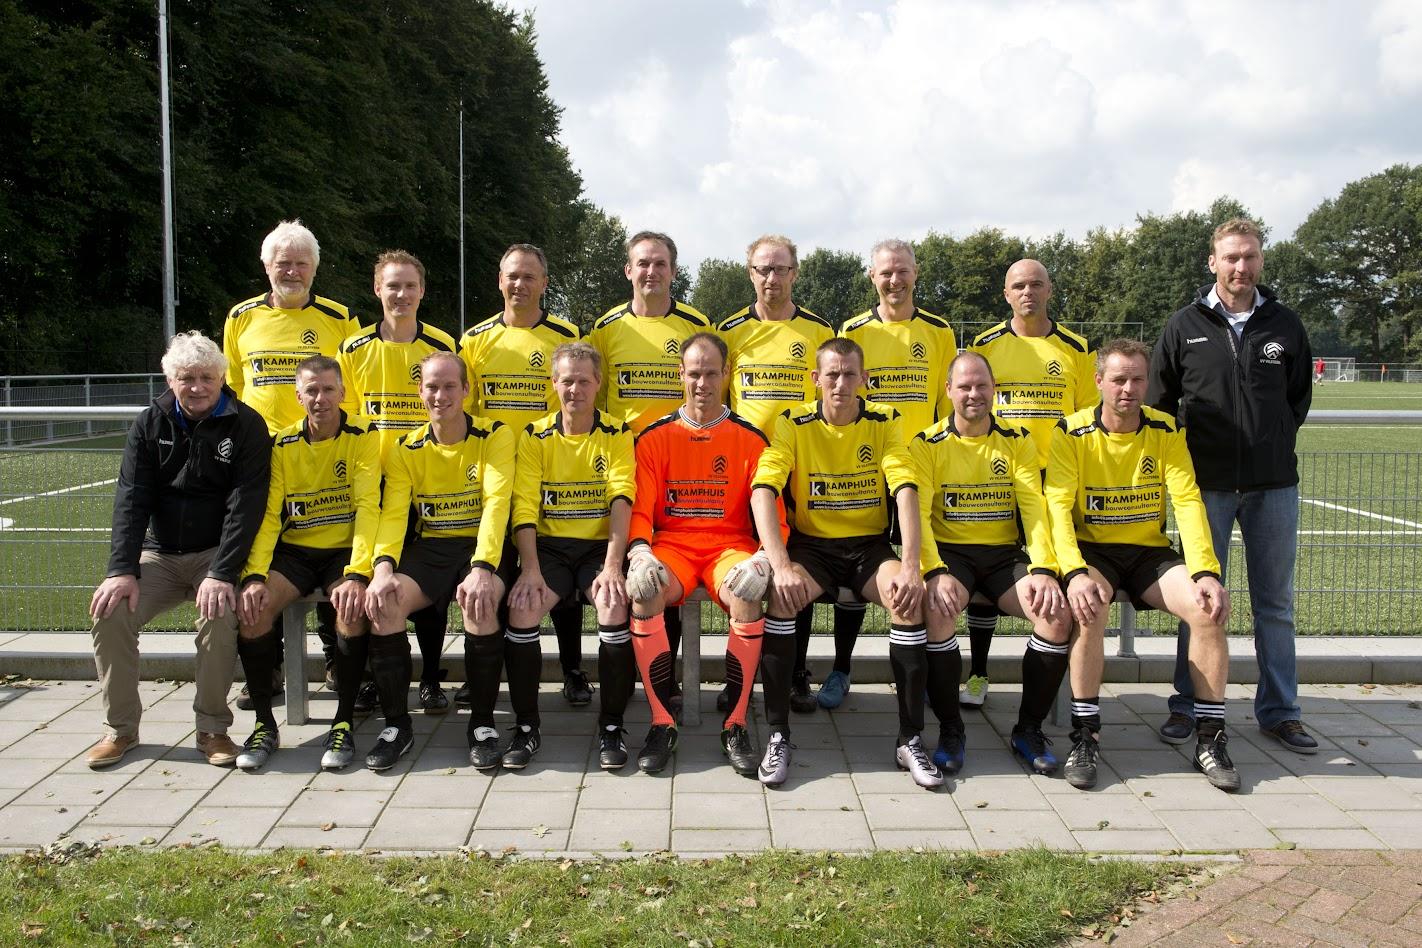 2017-2018 Vilsteren 35+